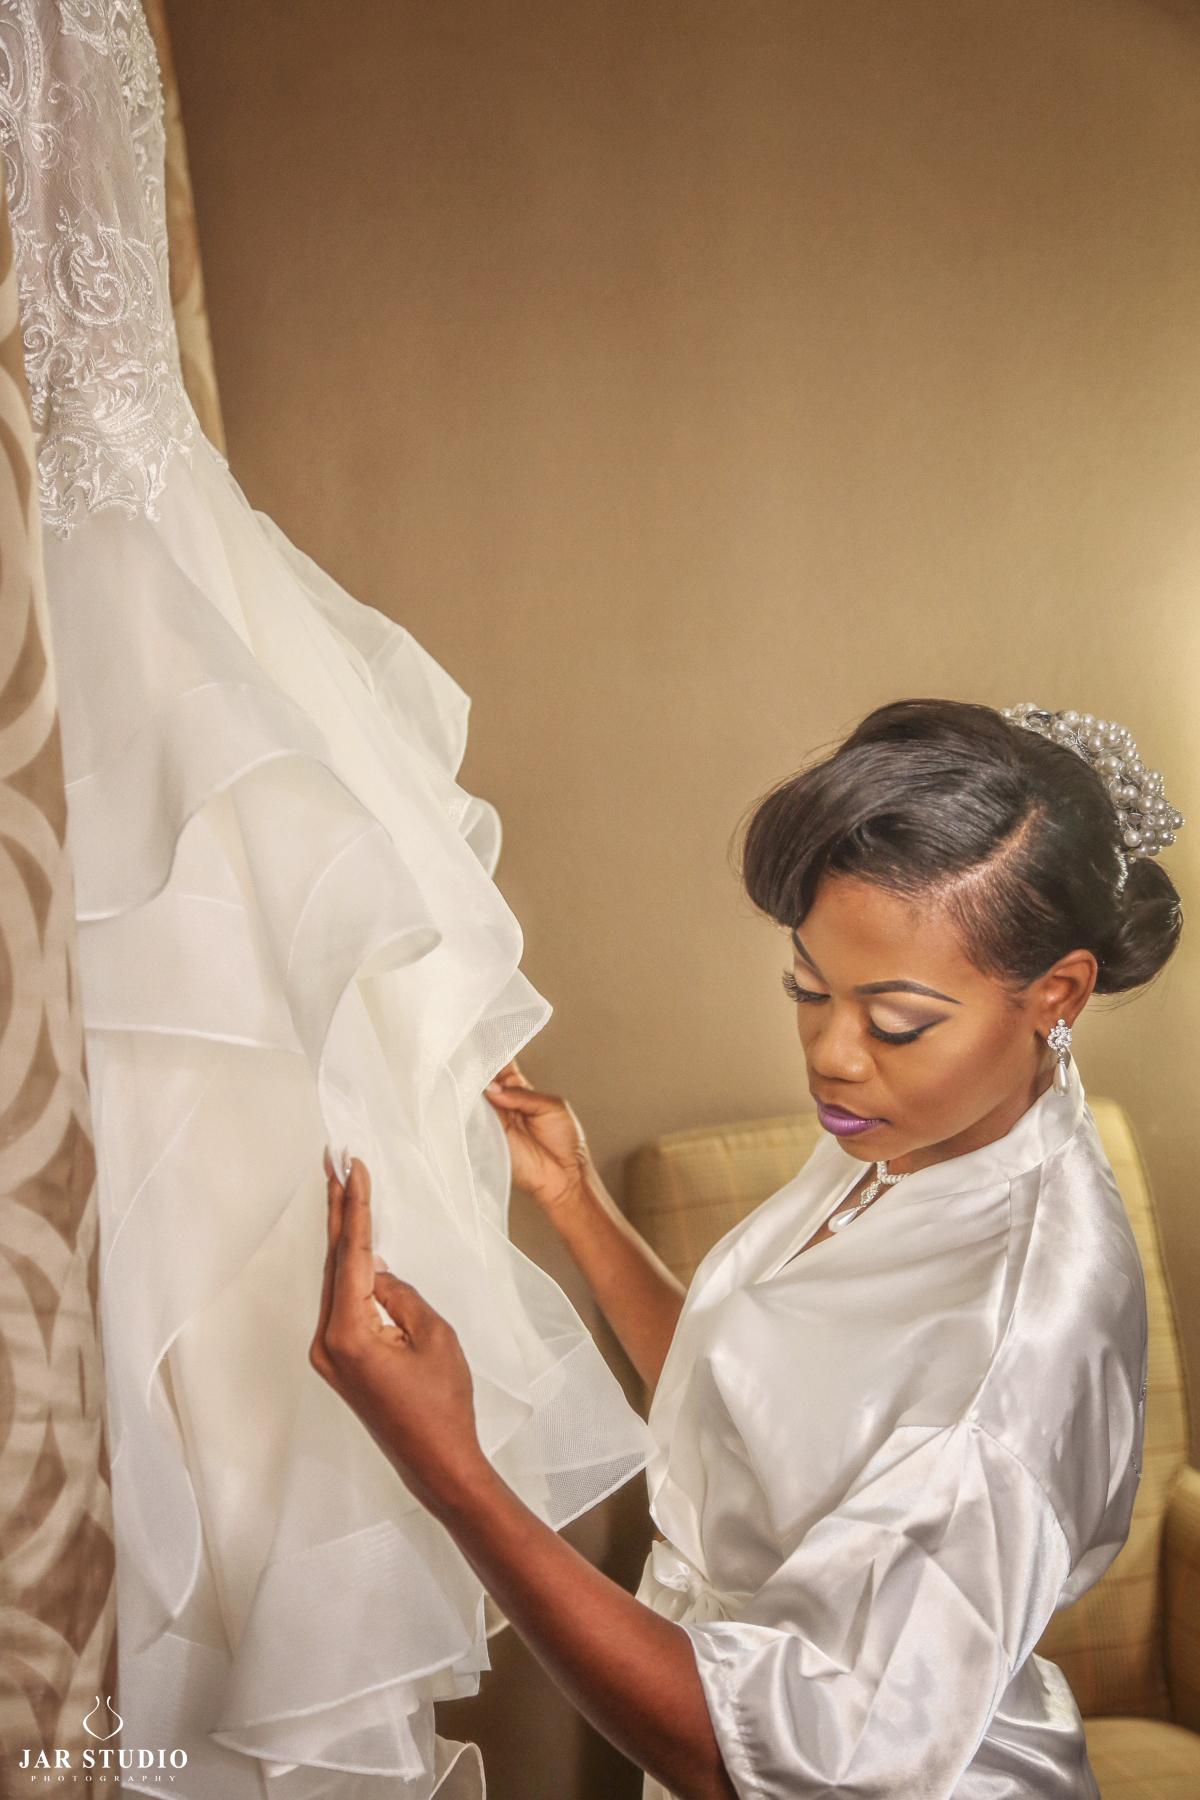 04-jarstudio-wedding-photographer.JPG